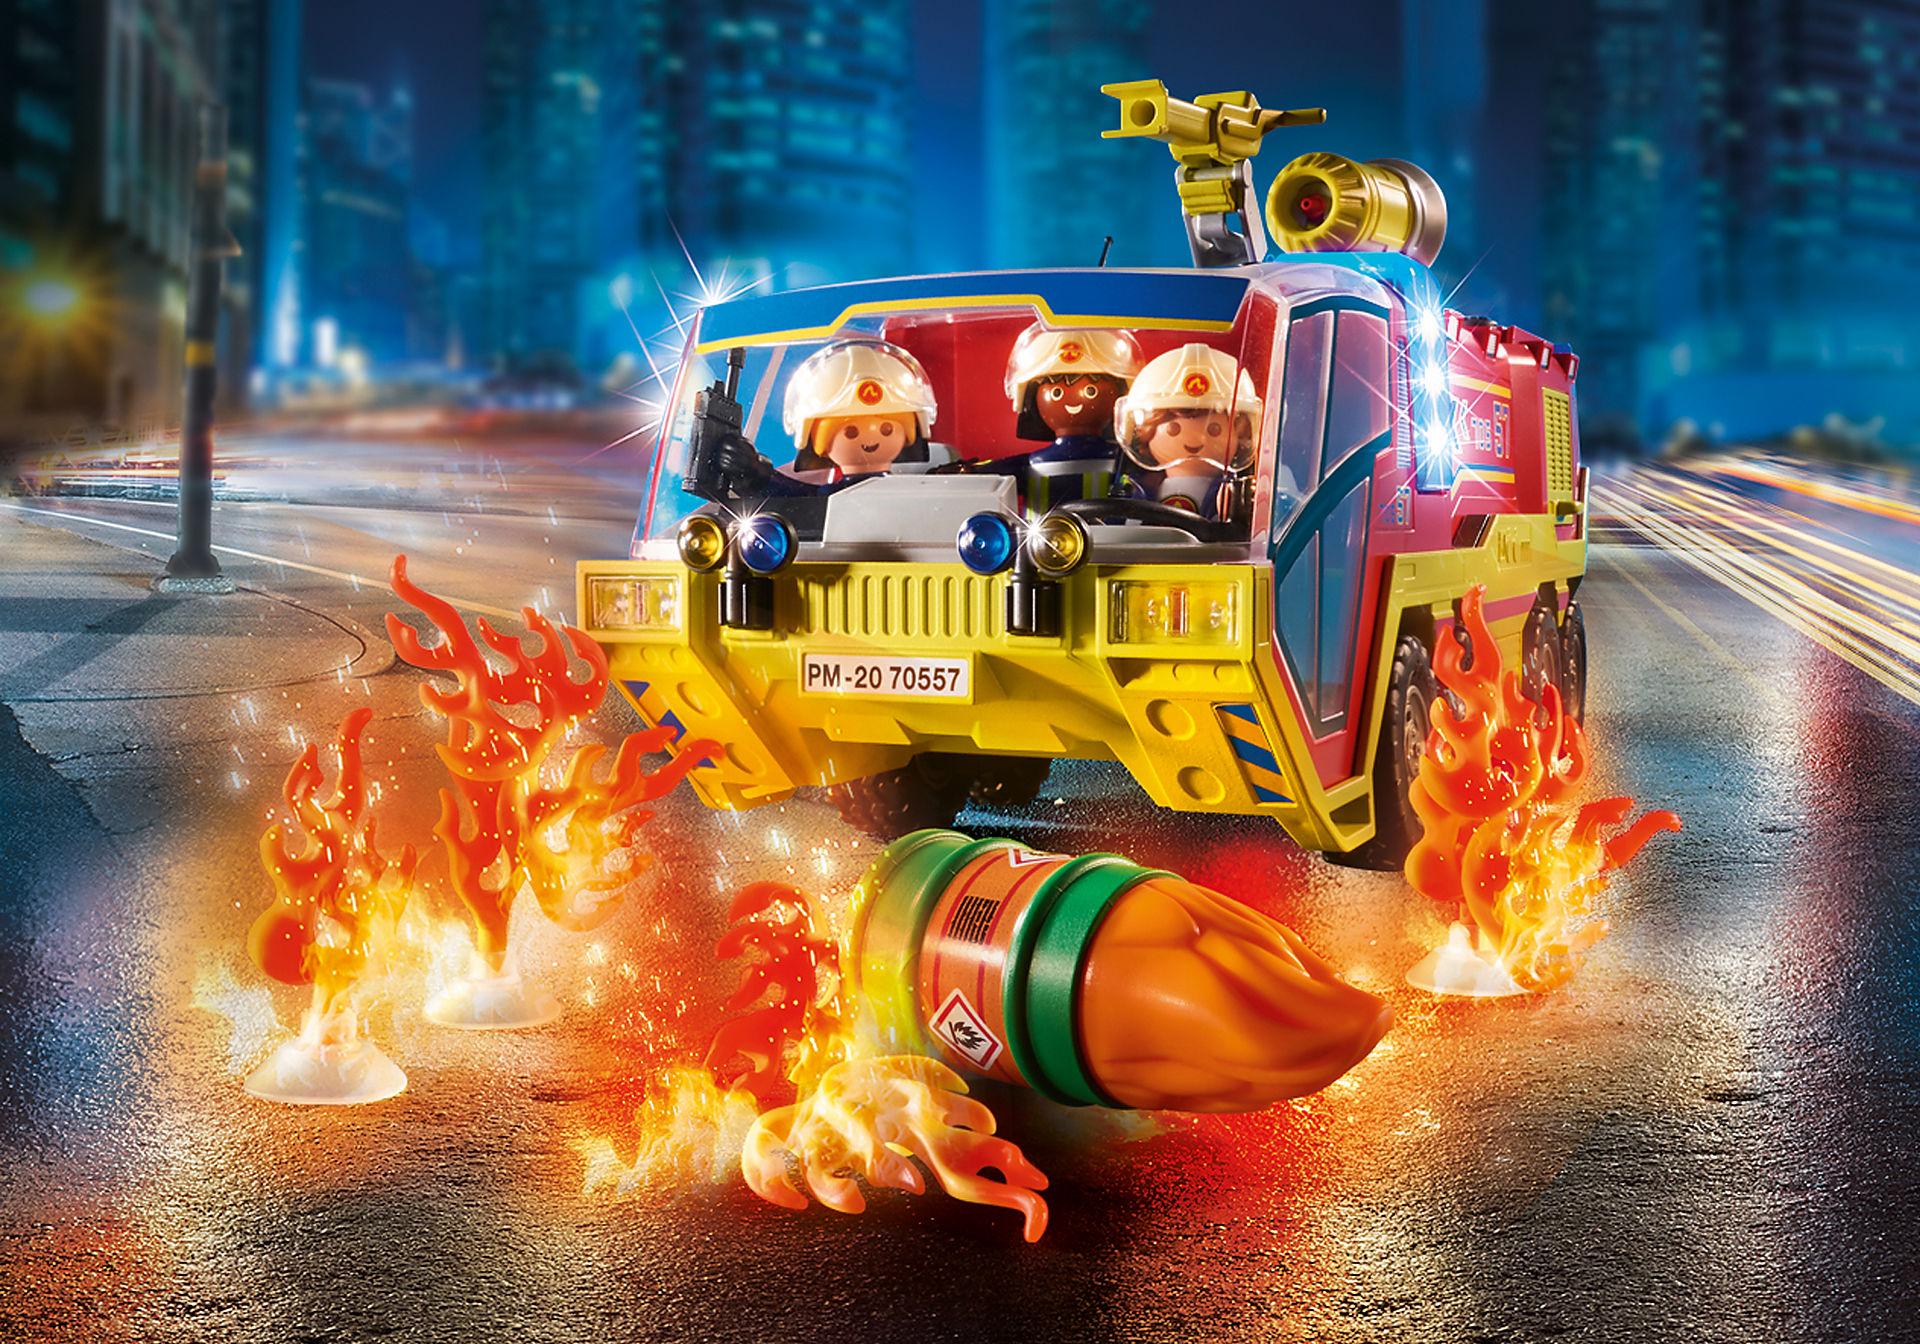 70557 Akcja straży pożarnej z pojazdem gaśniczym zoom image7